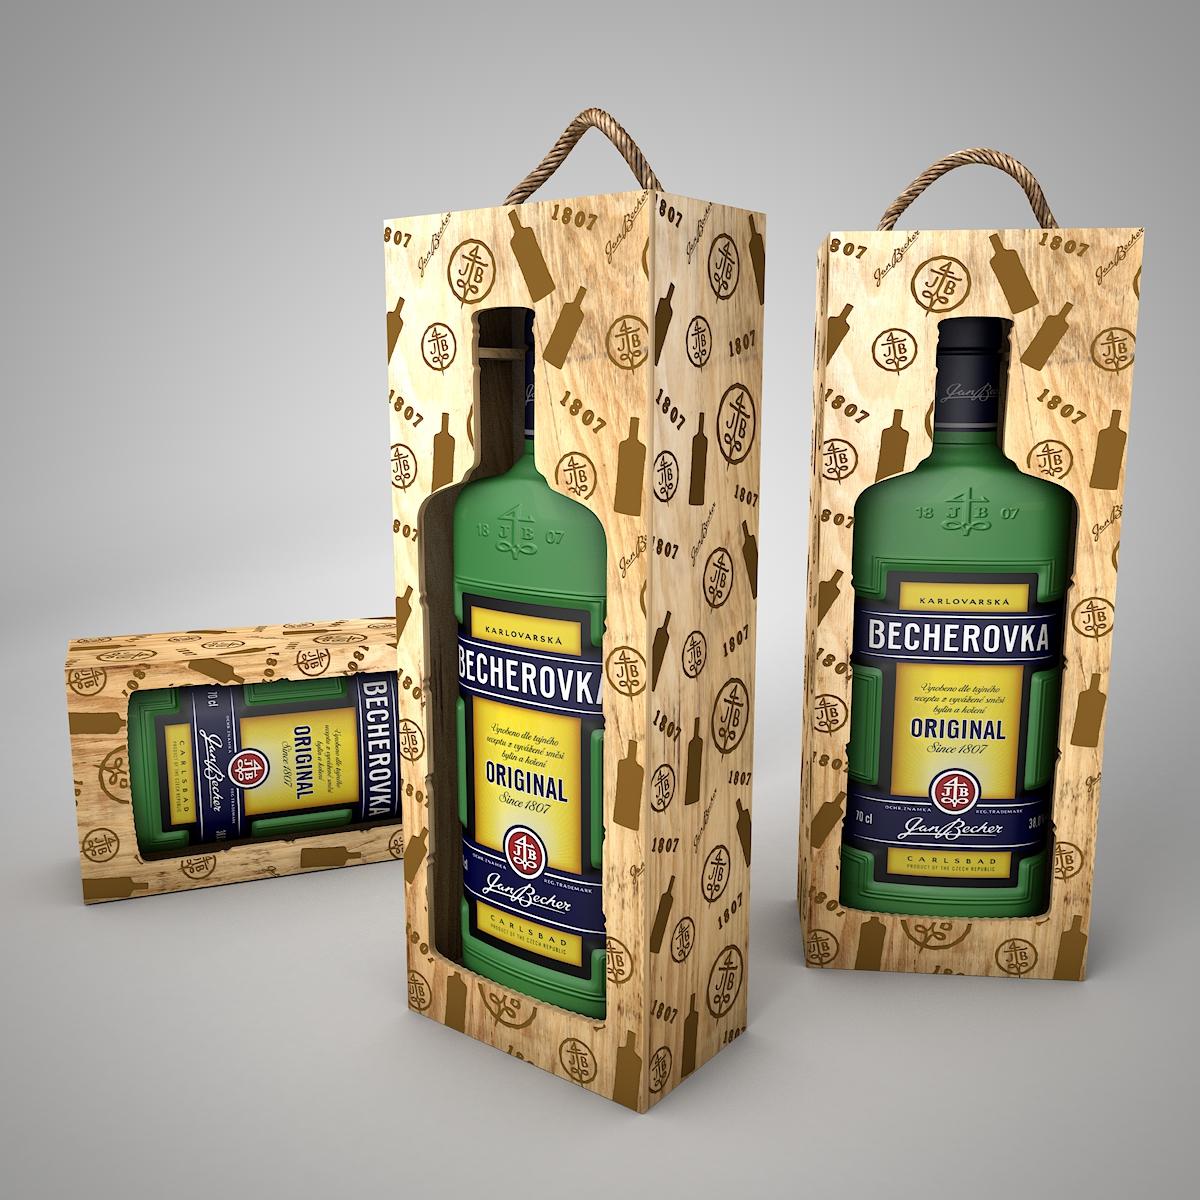 Darčeková krabica, Becherovka 3L